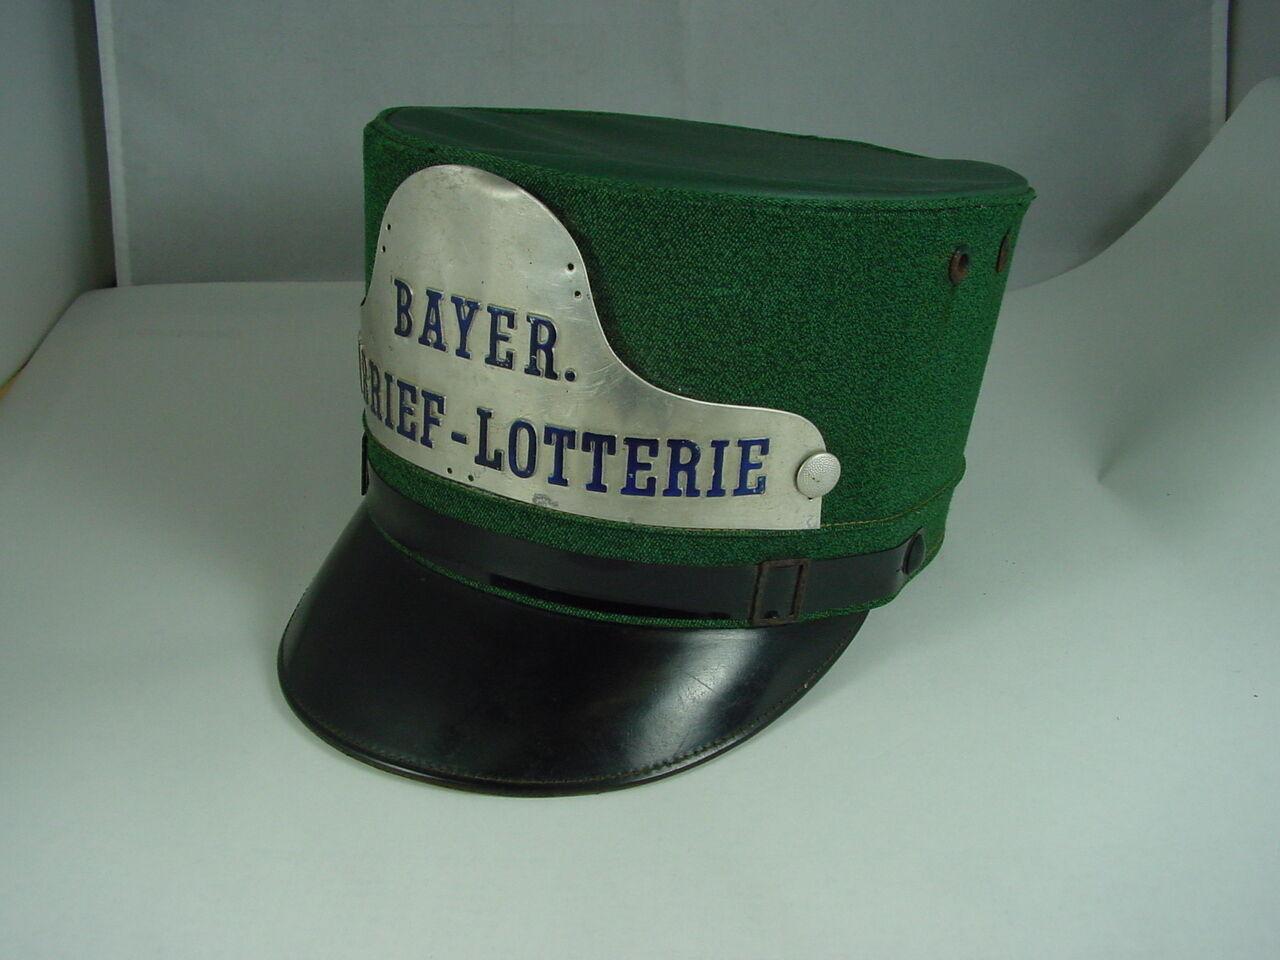 Käppi, Bayerische Losbrief-Lotterie, Mielchen - - - Mütze München, Losverkäufer  | Sehr gute Farbe  | Preiszugeständnisse  | Verschiedene Stile und Stile  | Qualitätsprodukte  | Haltbar  fa829d